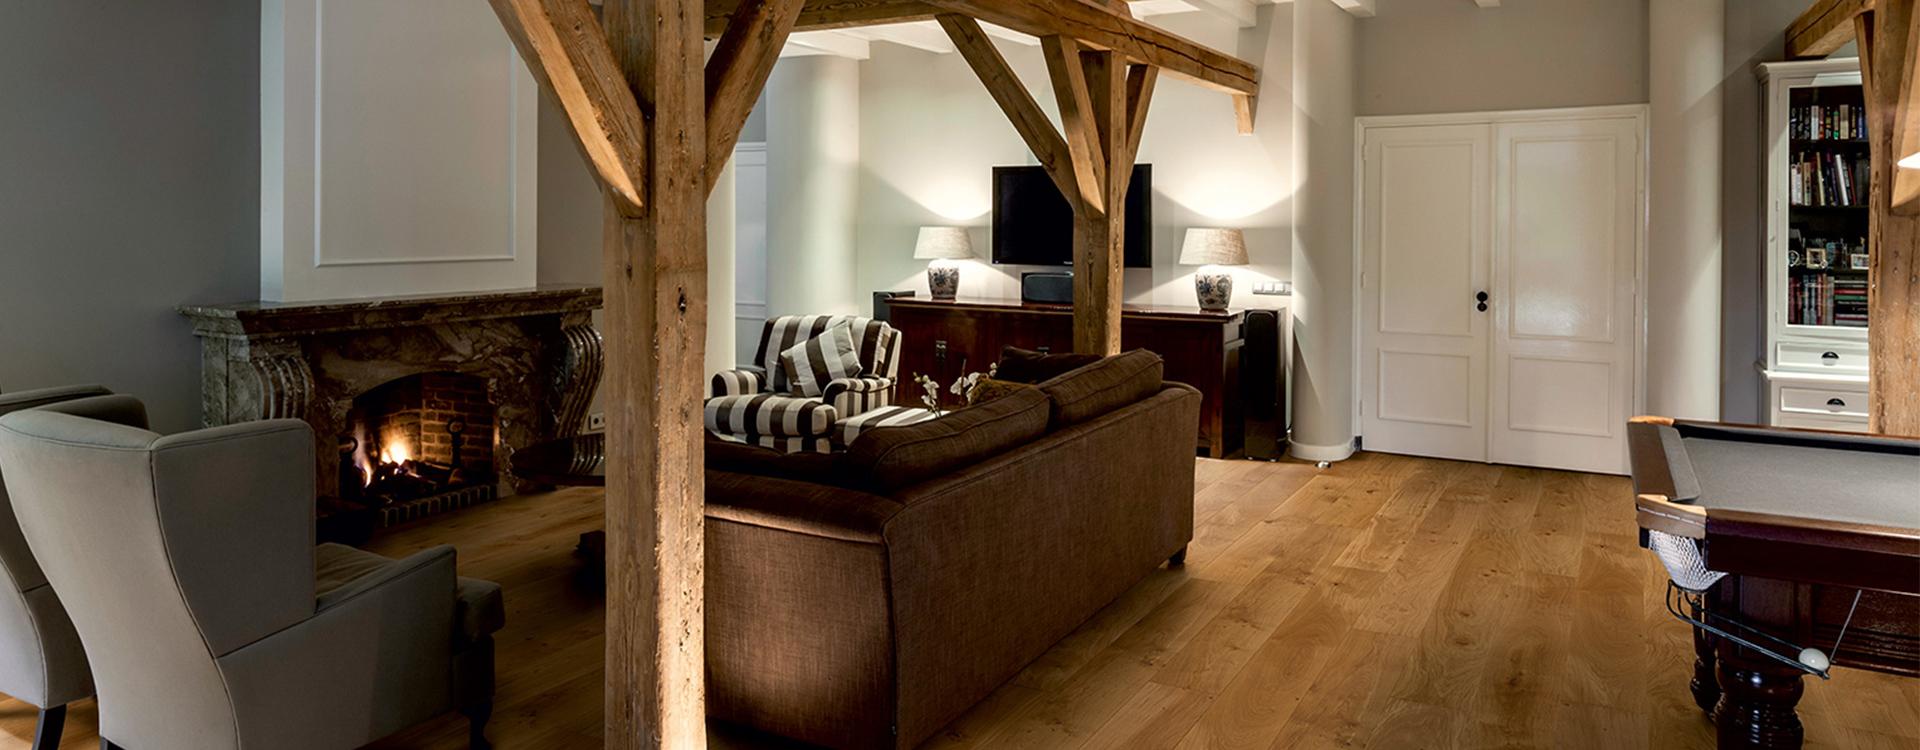 Hoe gebruik je donkere vloeren in je interieur for Interieur vloeren